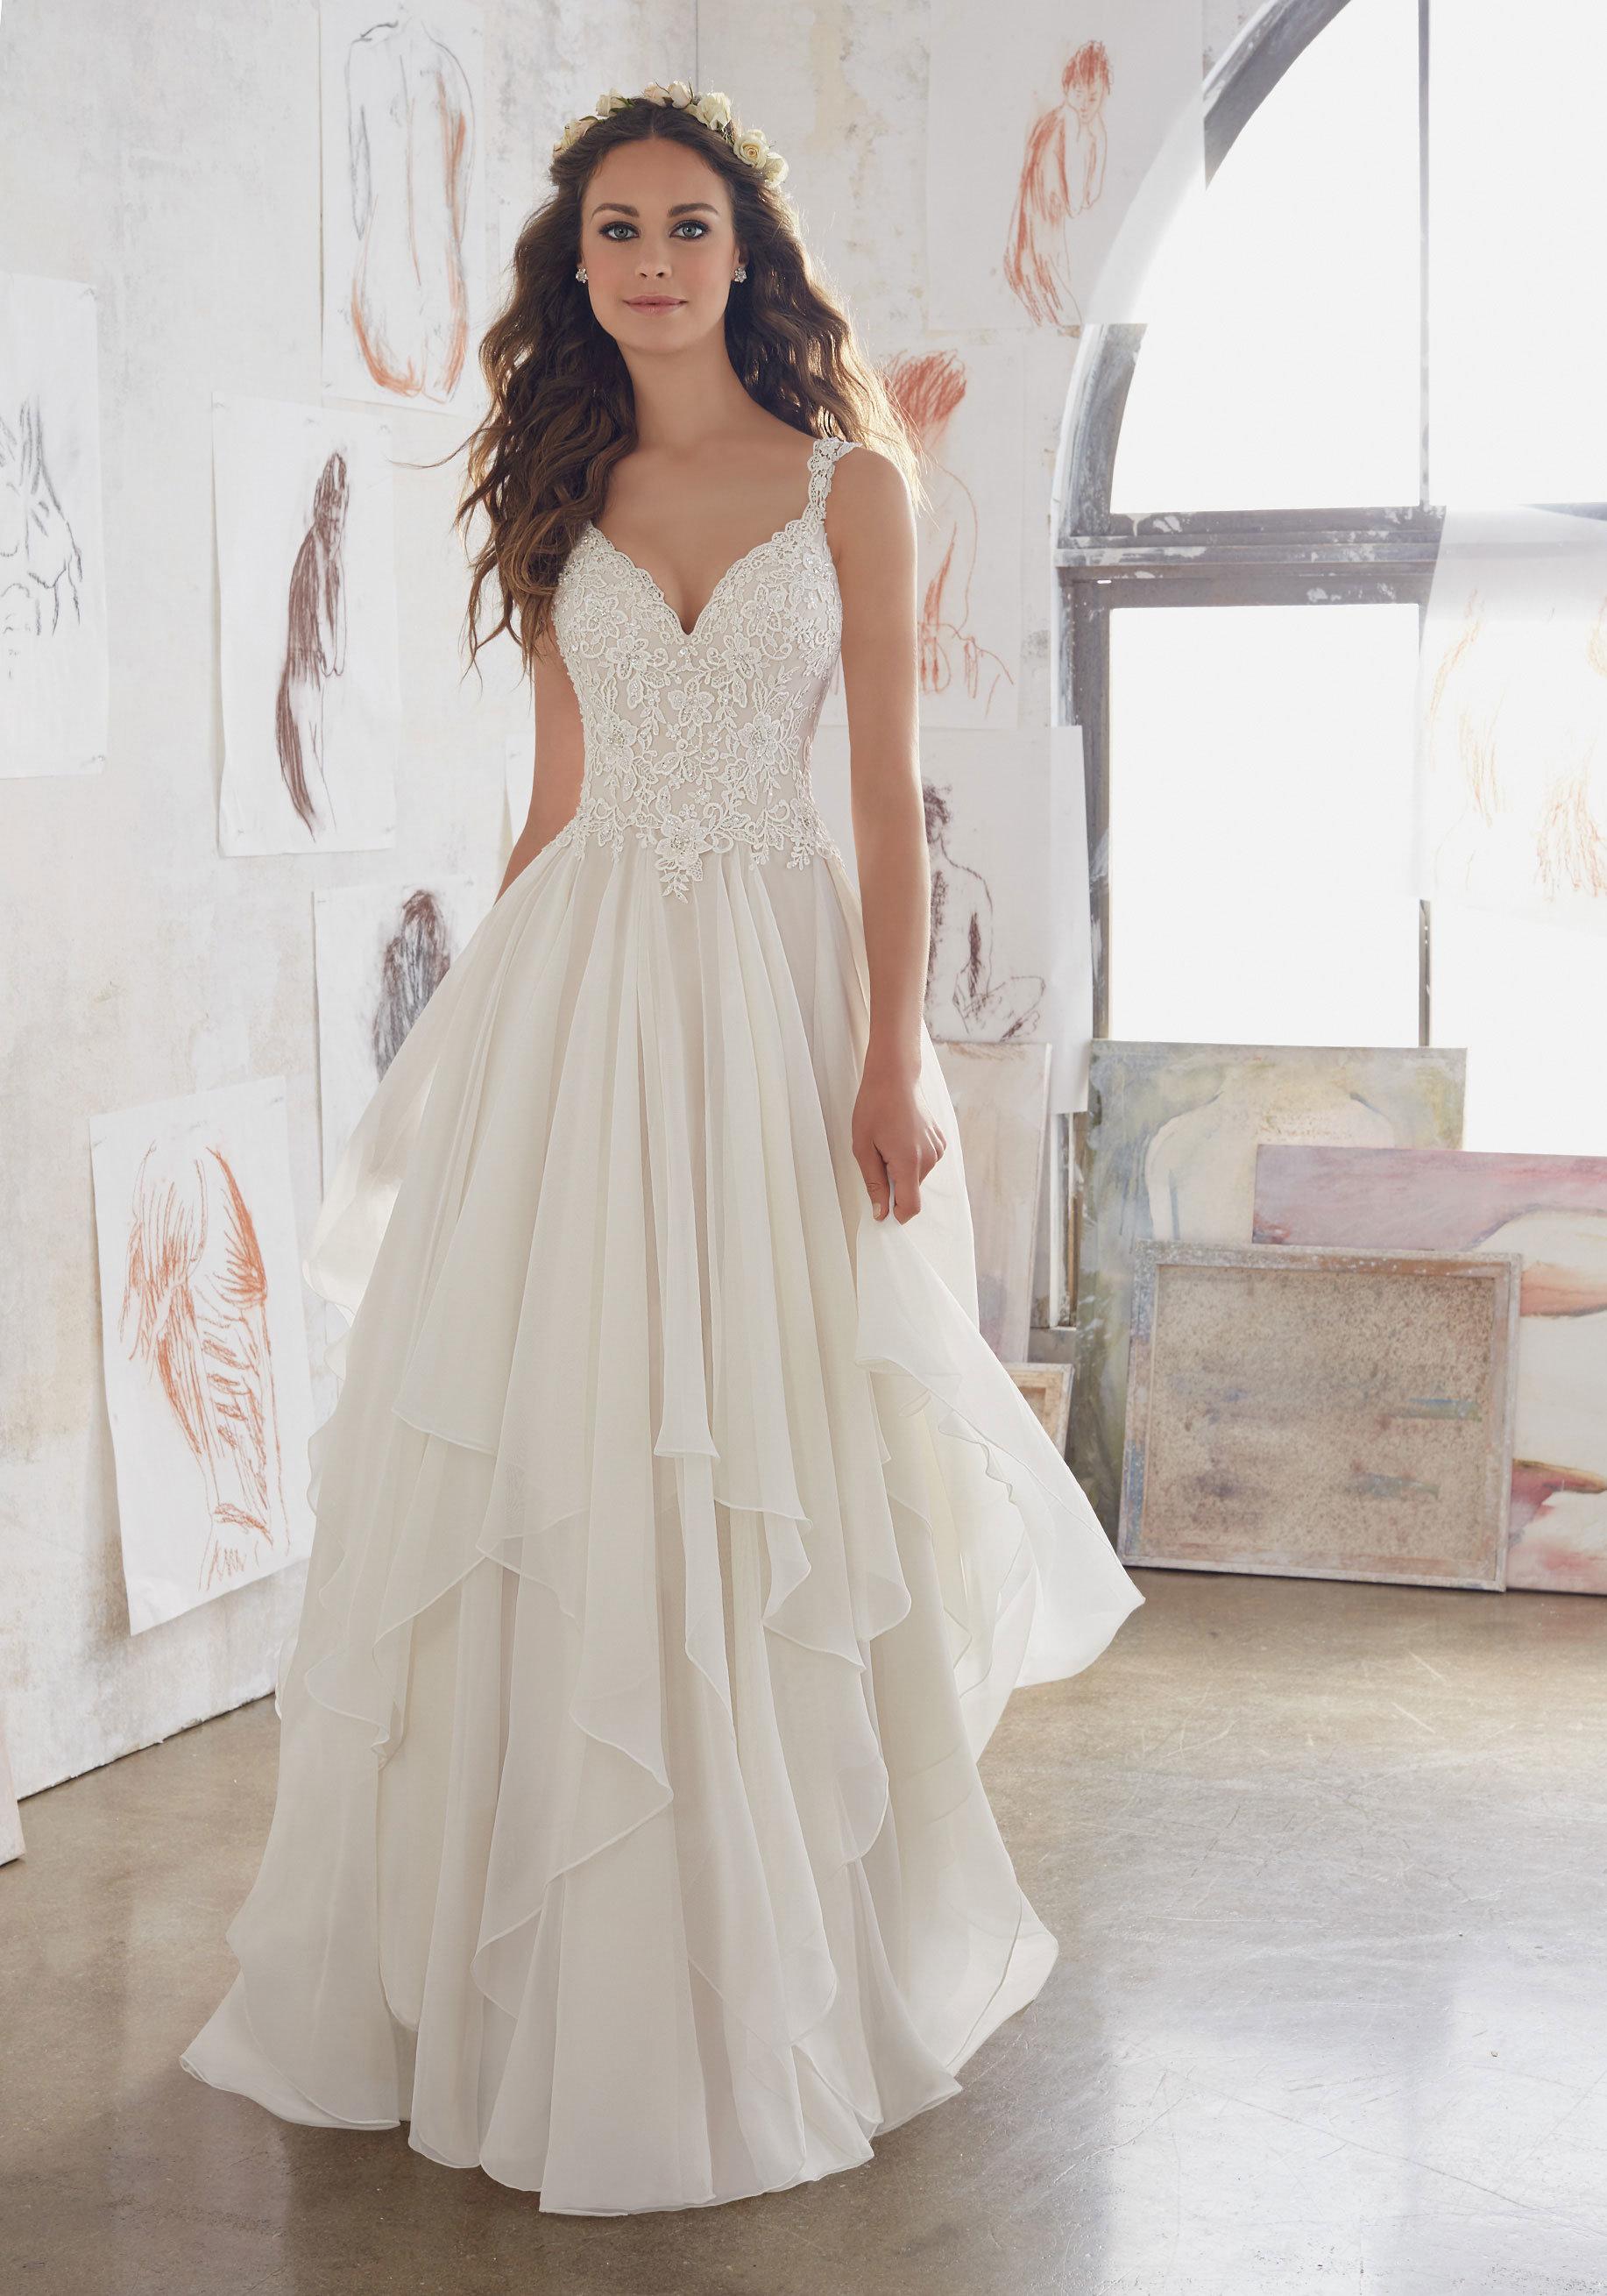 China Amelie Rocky 2018 Chiffon Lace A Line Wedding Dress - China ...